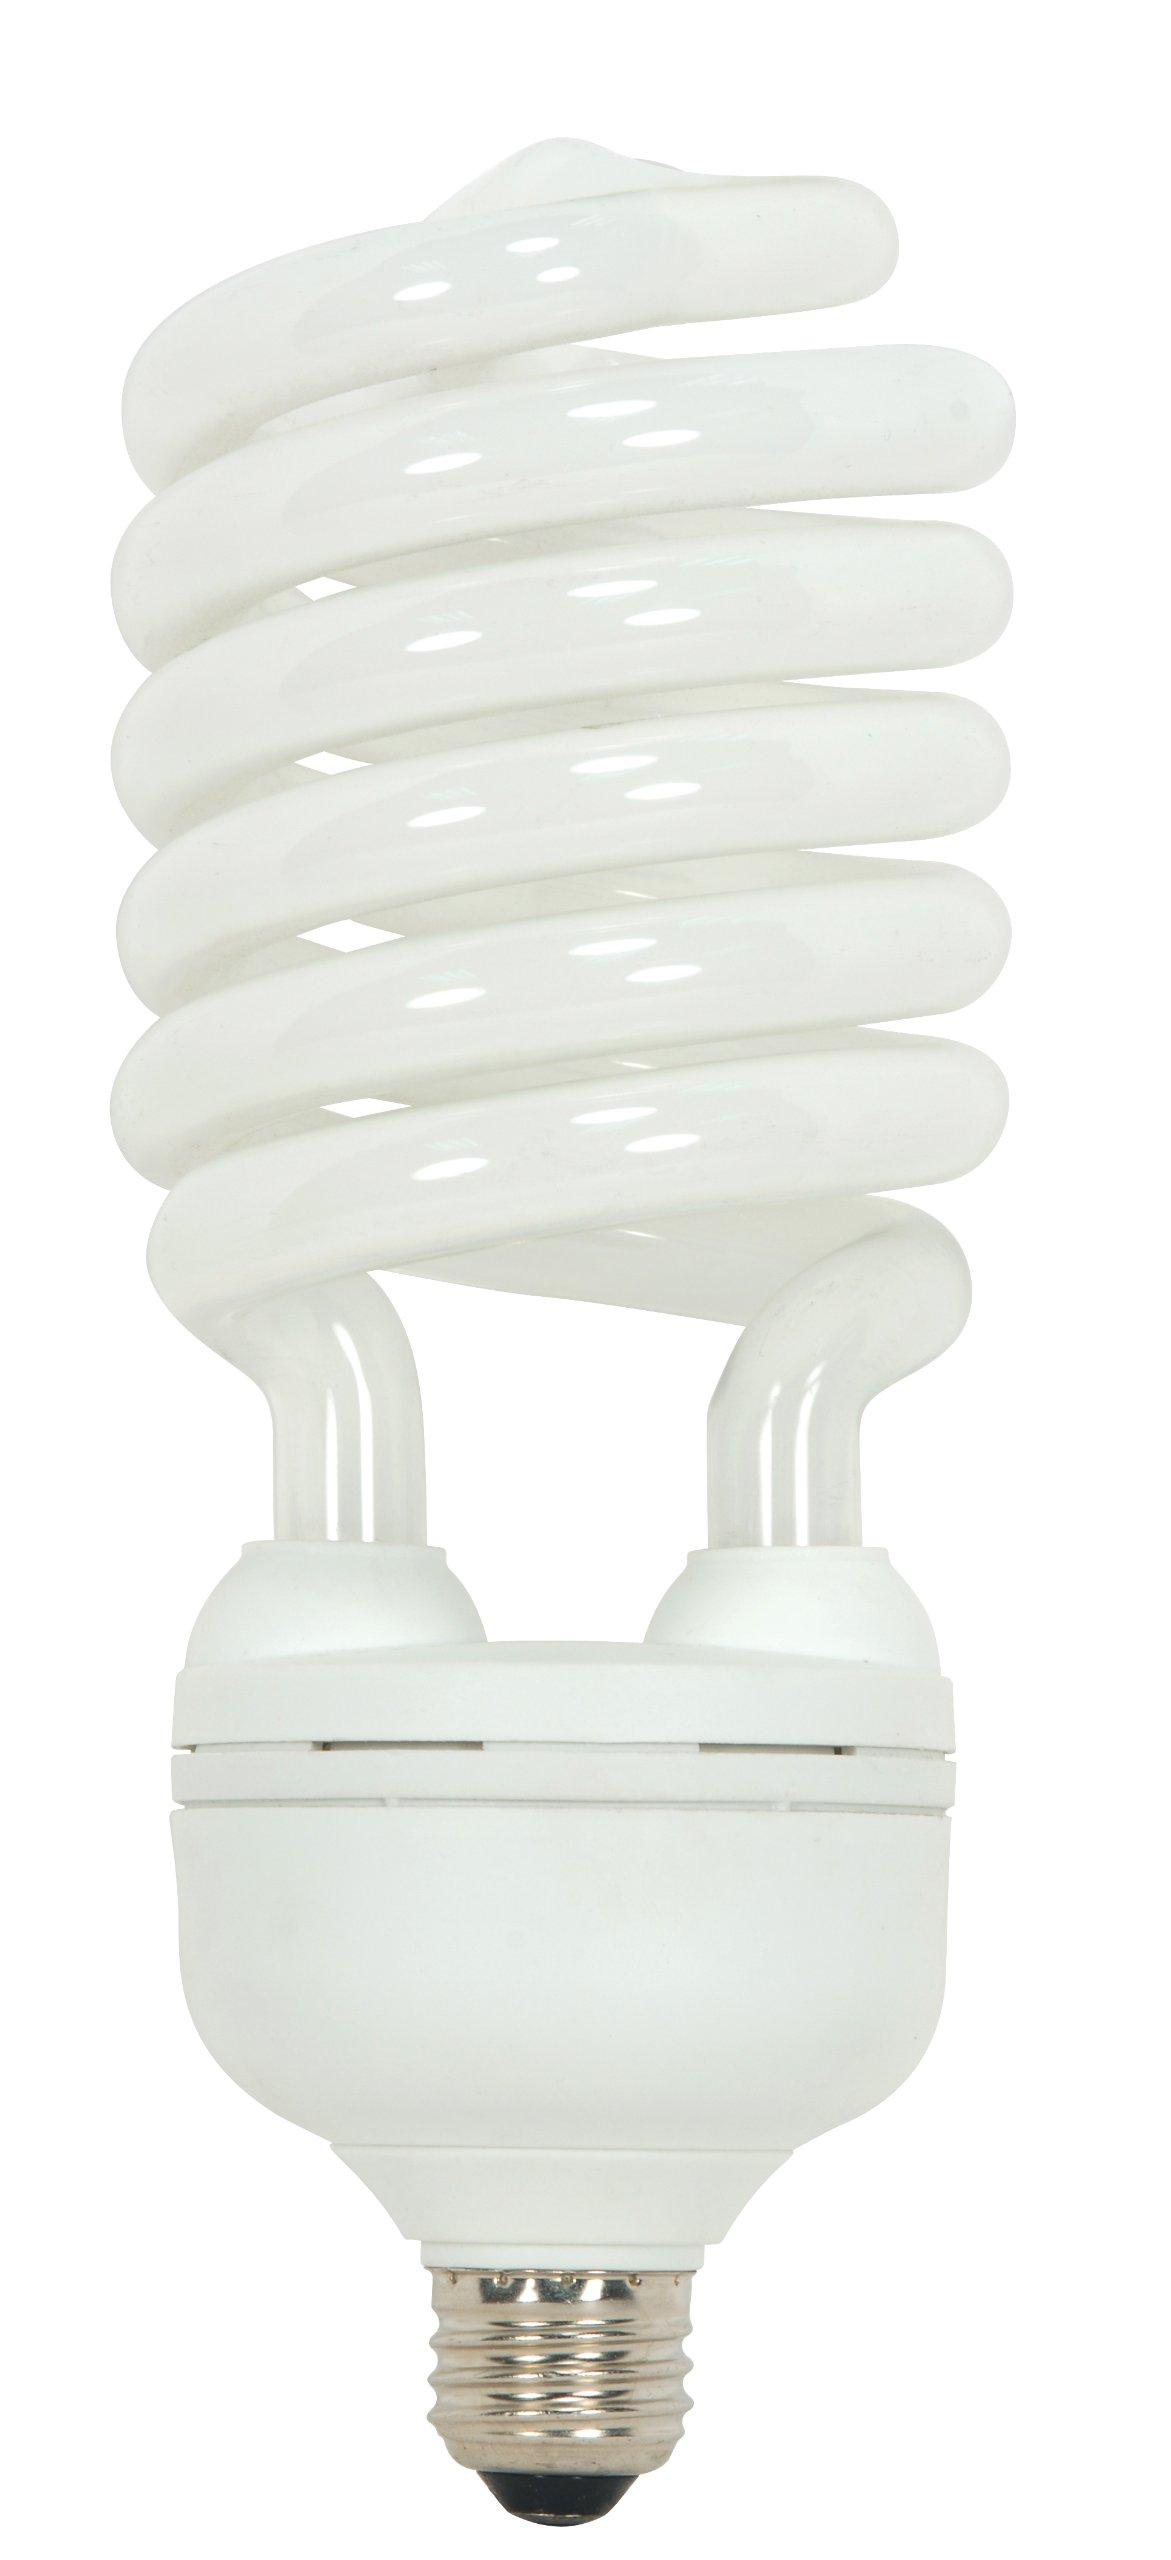 Satco S7385 65 Watt (300 Watt) 4300 Lumens Hi-Pro Spiral CFL Bright White 4100K Medium Base 120 Volt Light Bulb